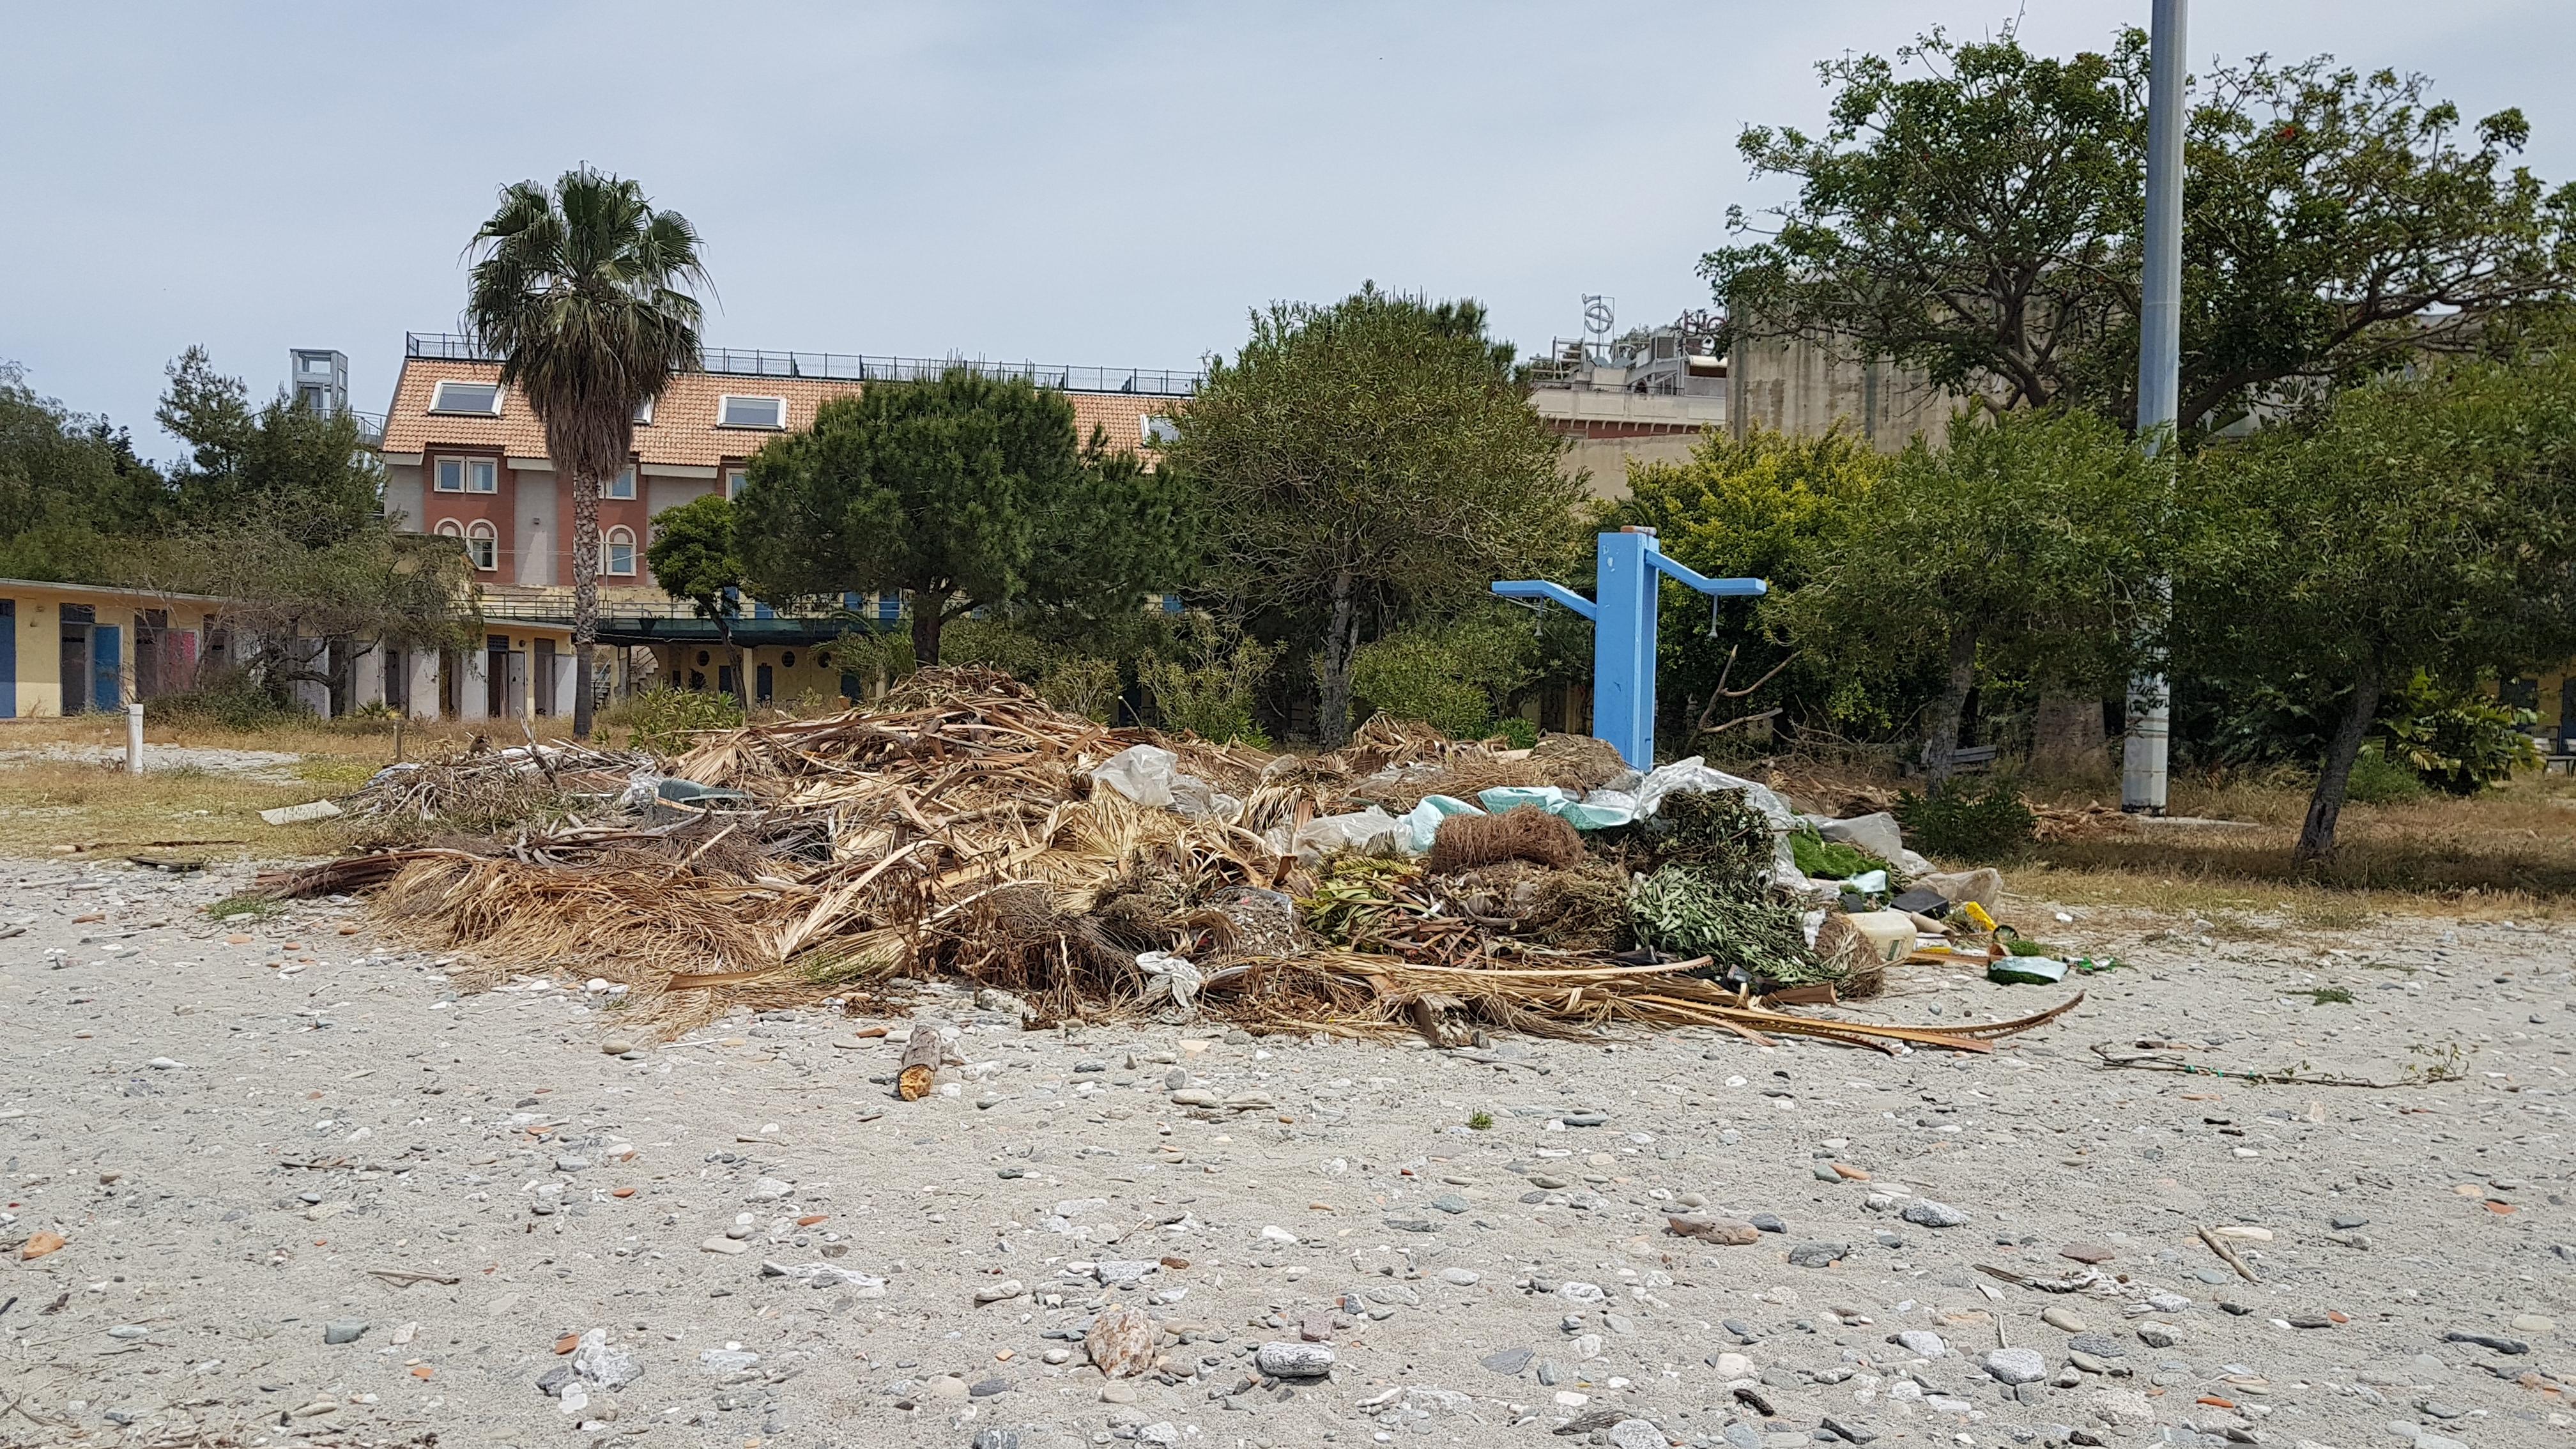 Nuccio Pizzimenti, Con il Lido Comumale in uno stato di completo abbandono e un porto che assomiglia ad un quadro di natura morta, Reggio Calabria non potrà mai diventare una Città turistica. 1